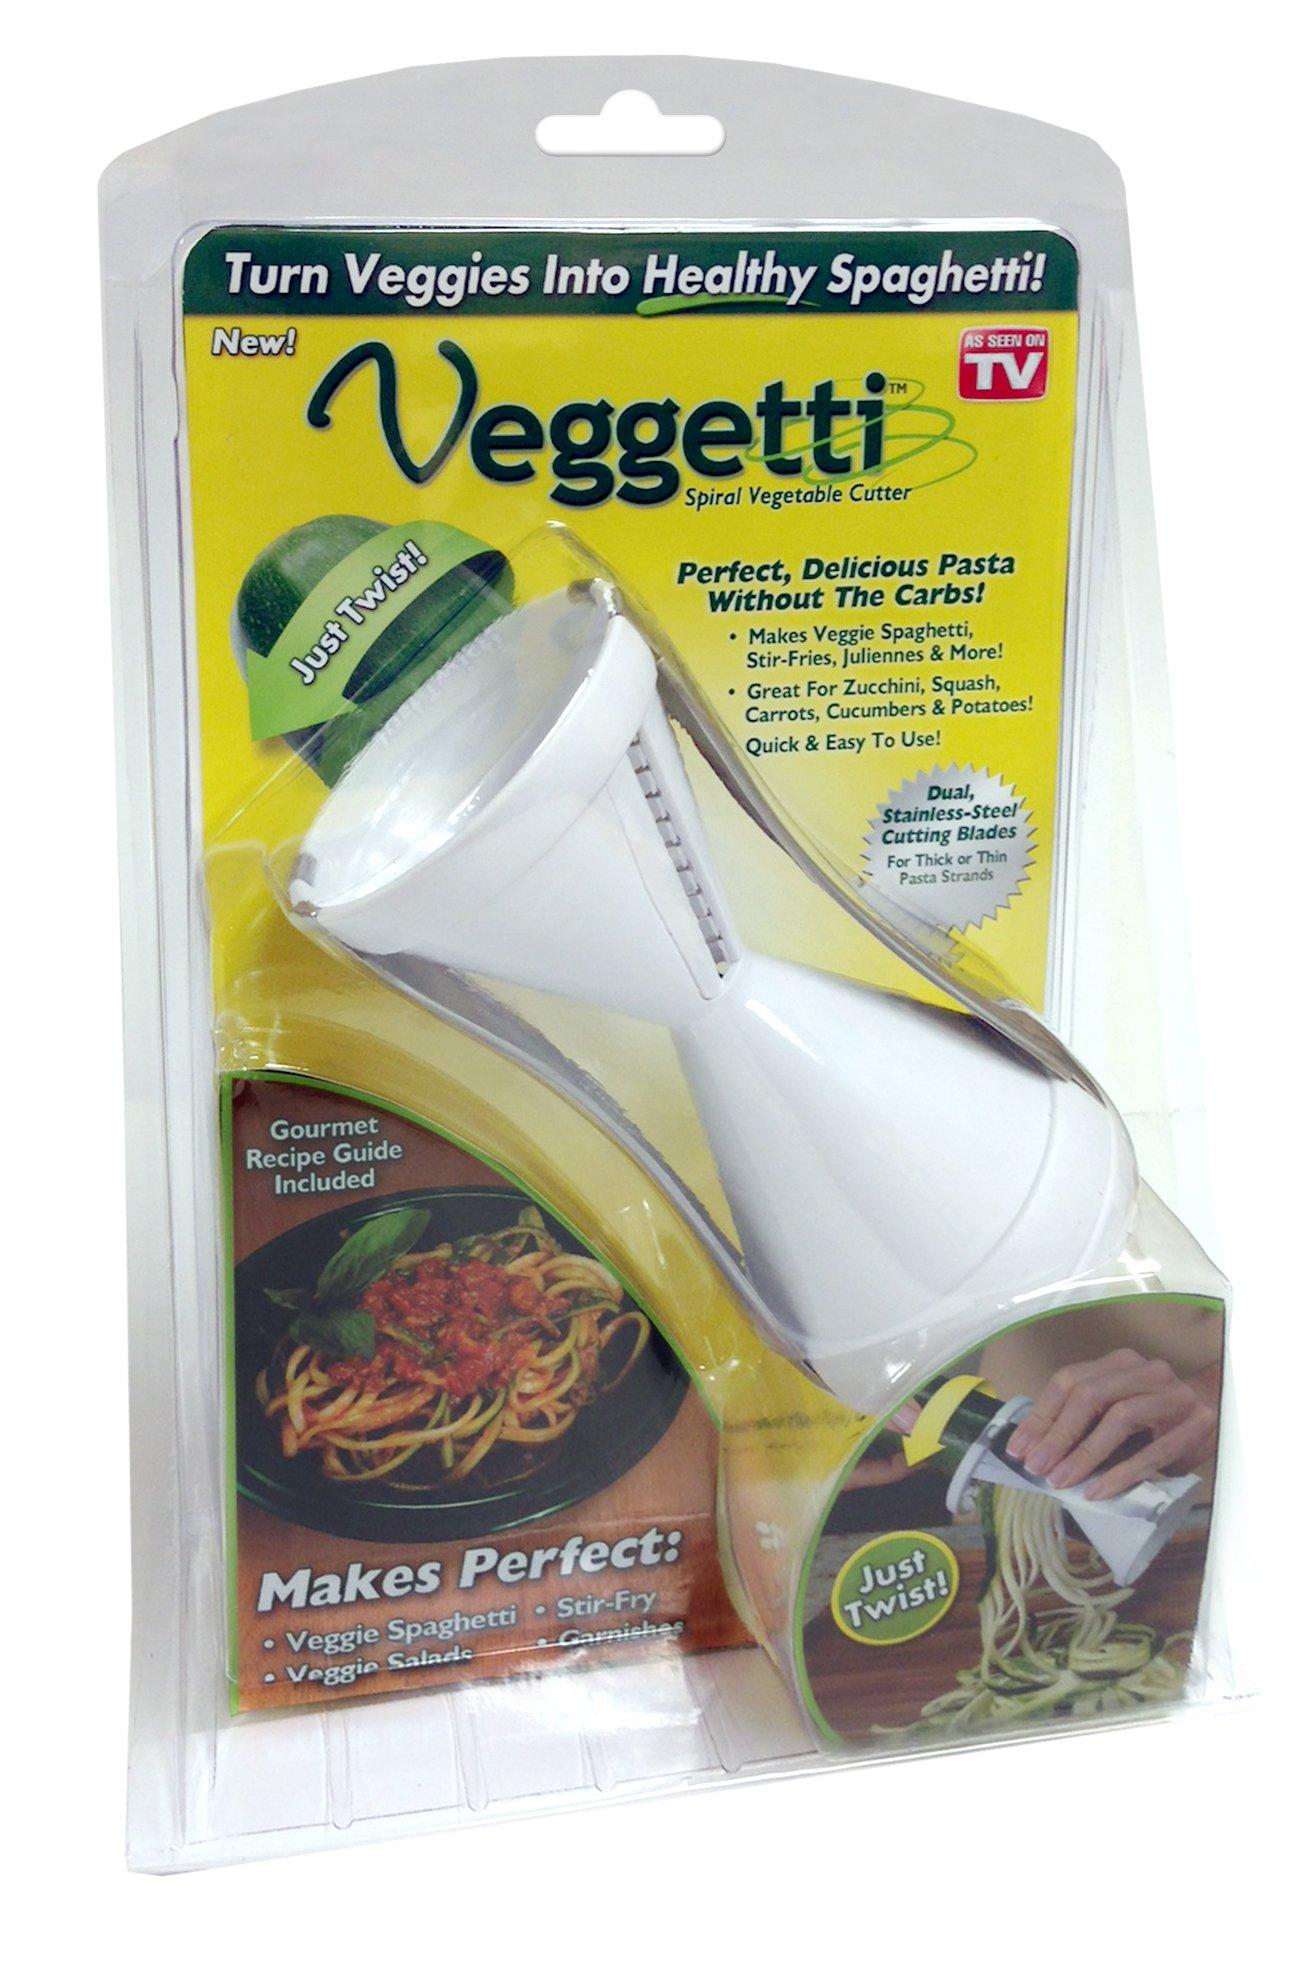 Veggetti Spiral Vegetable Cutter Slicer image